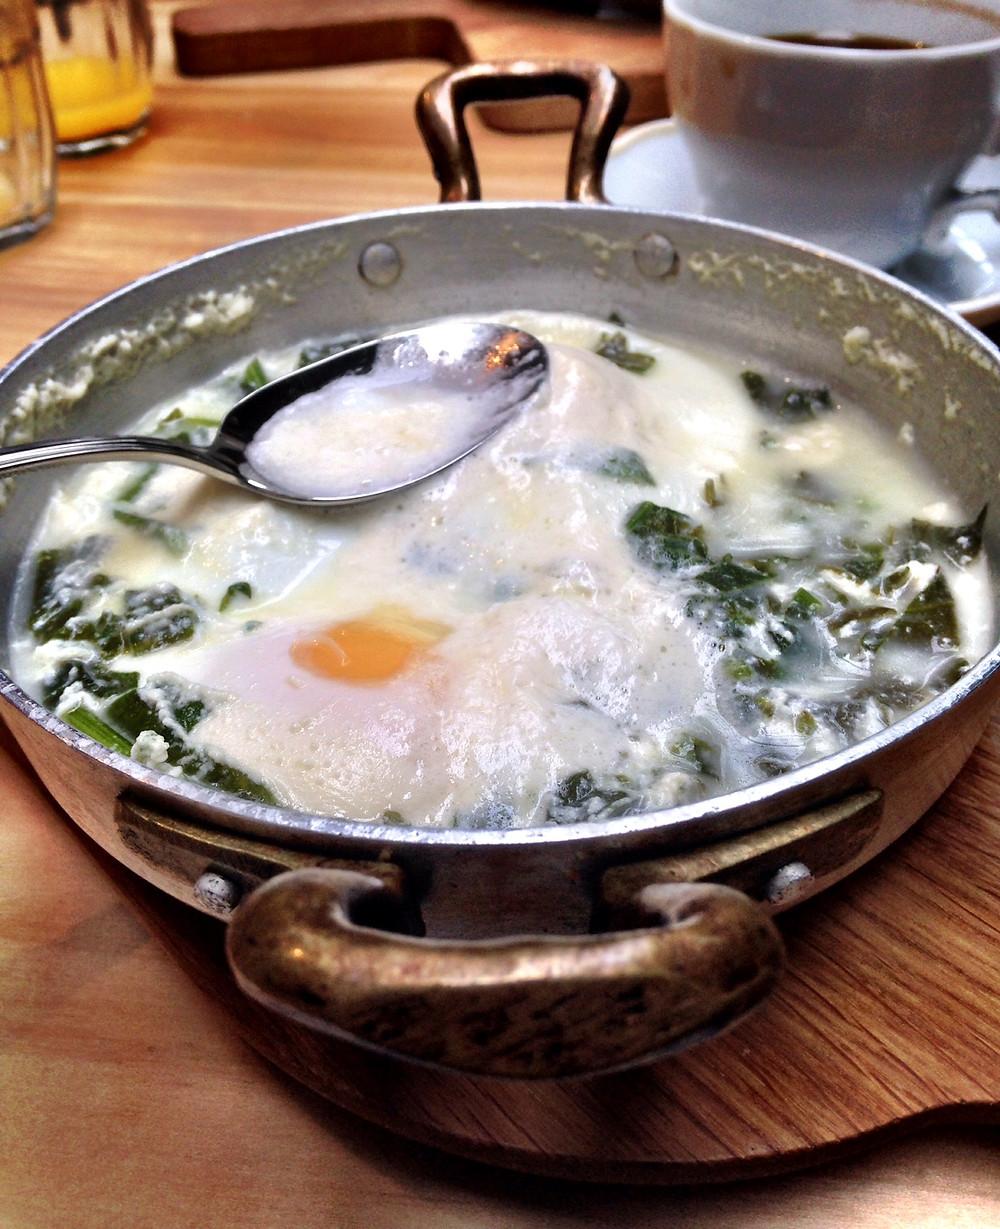 ביצים עלומות בחלב ויוגורט עיזים - אכזבו.jpg